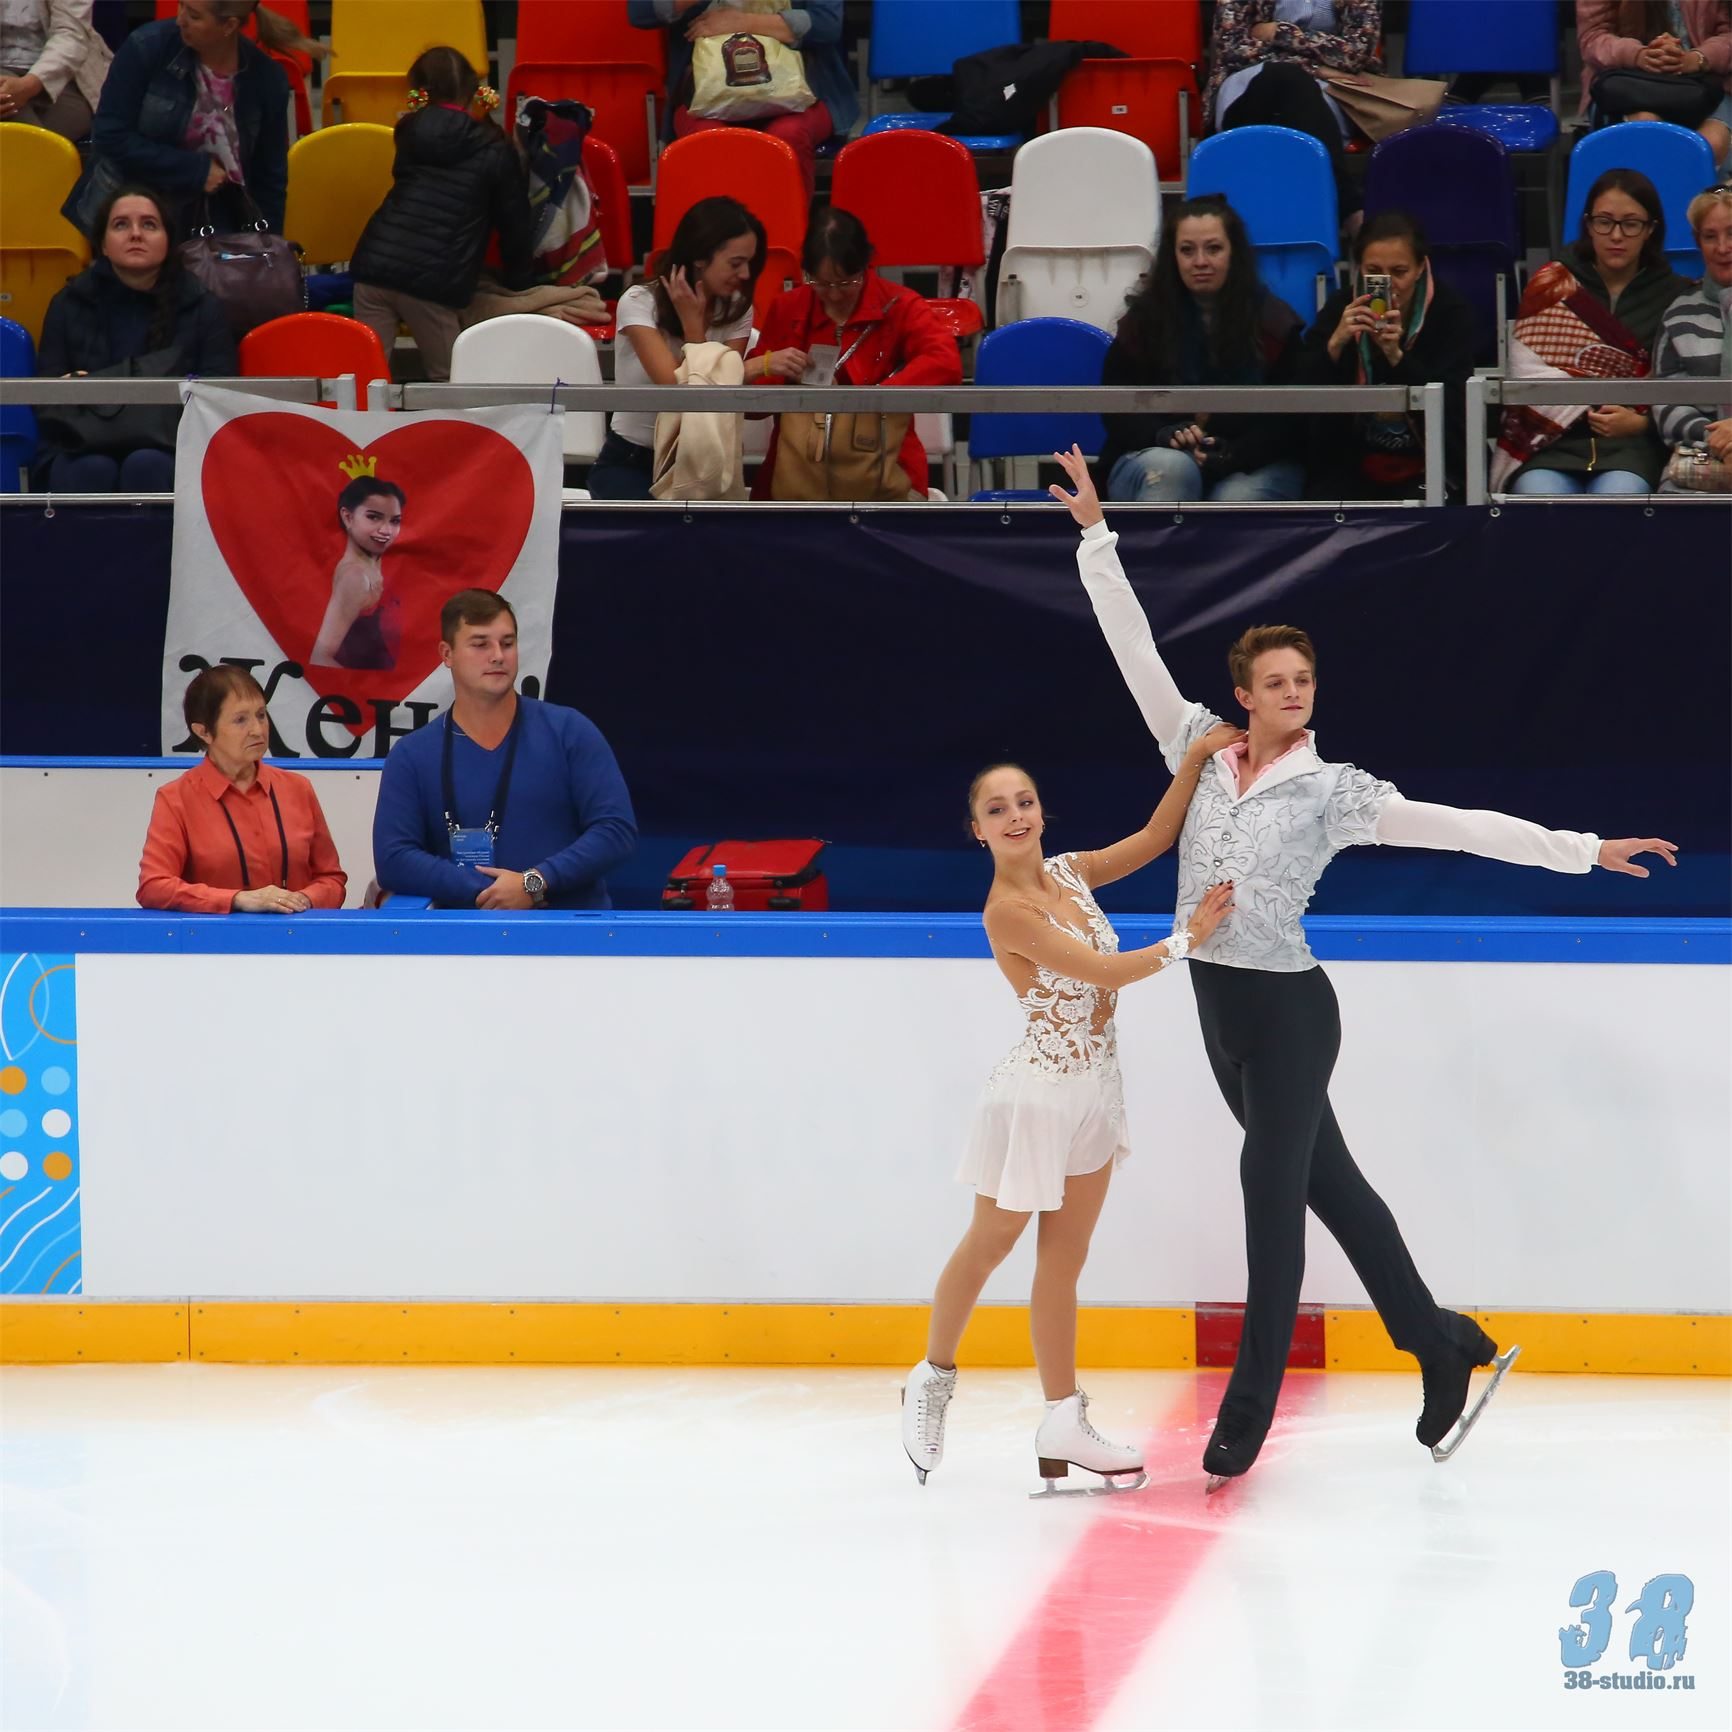 Александра Бойкова-Дмитрий Козловский - Страница 12 7lePkLwqjnc